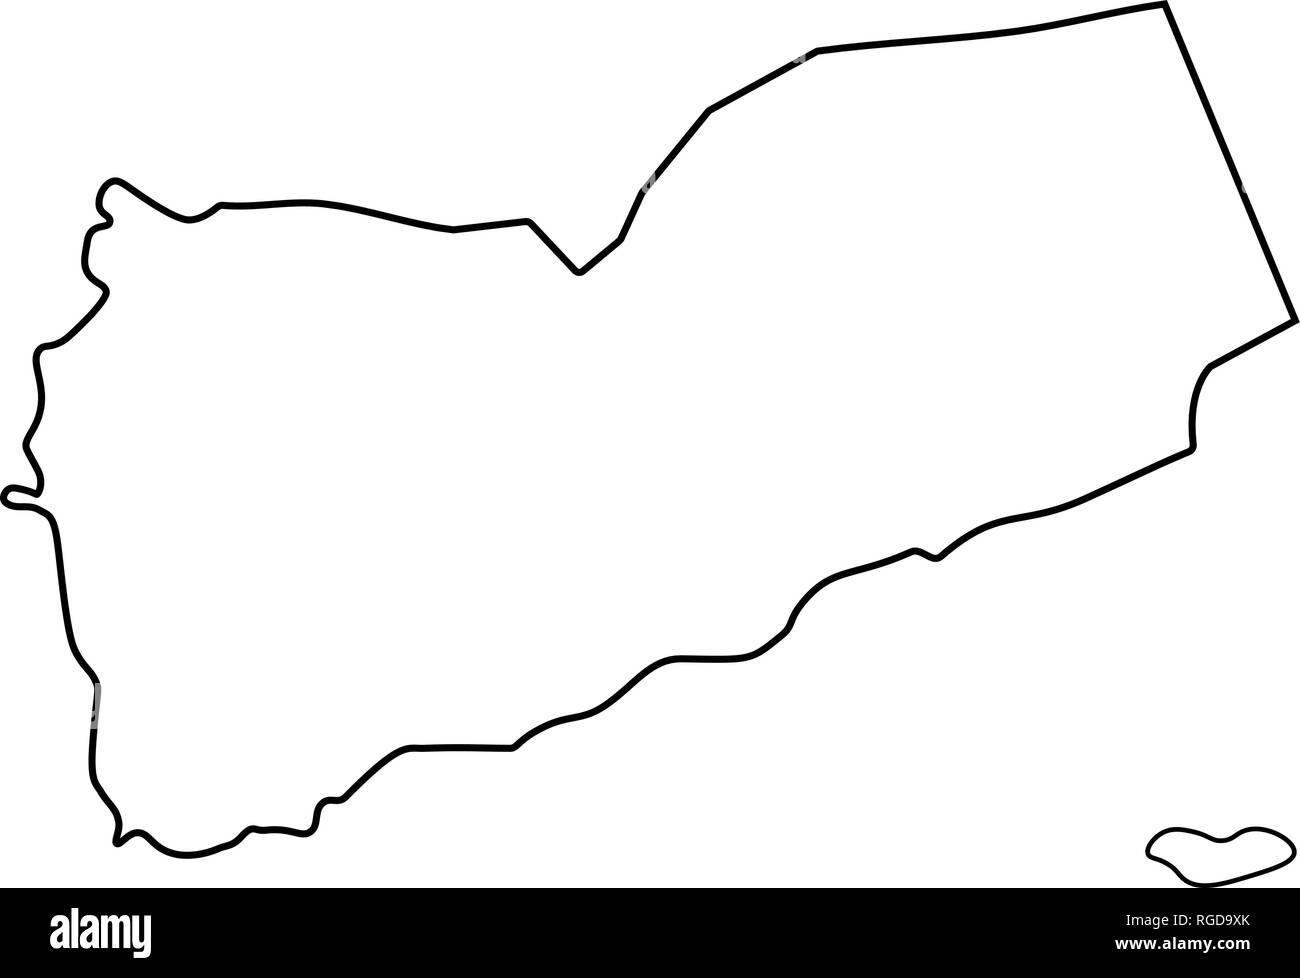 Map of Yemen - outline. Silhouette of Yemen map vector illustration - Stock Image